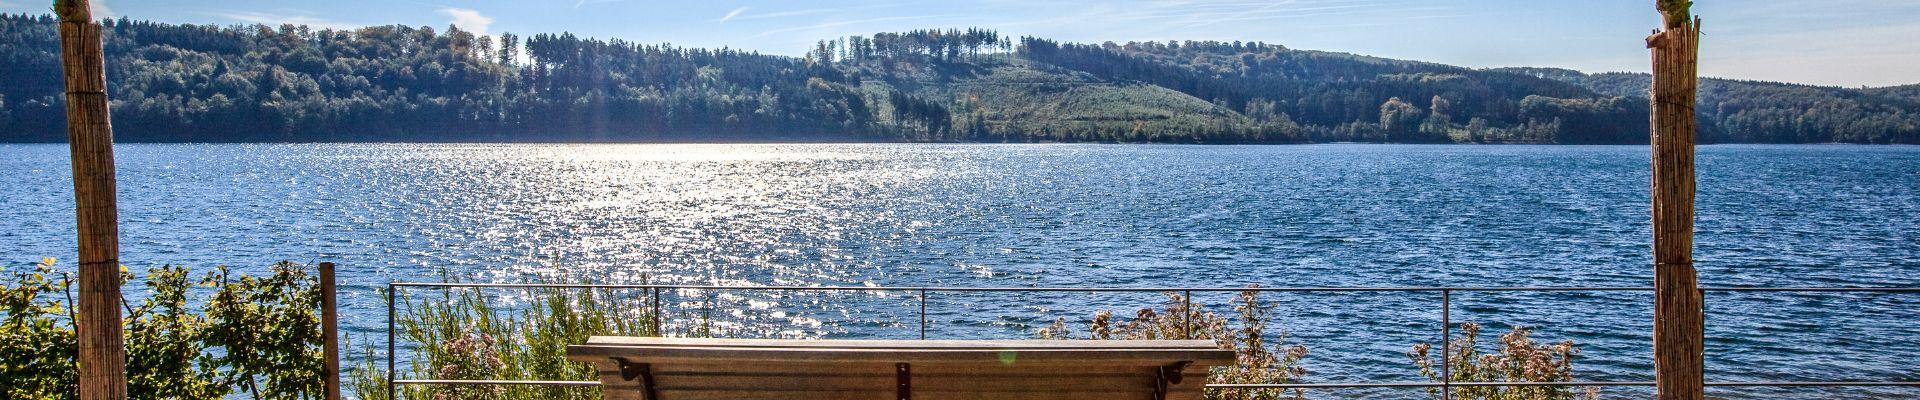 Die schönsten Seen in Deutschland